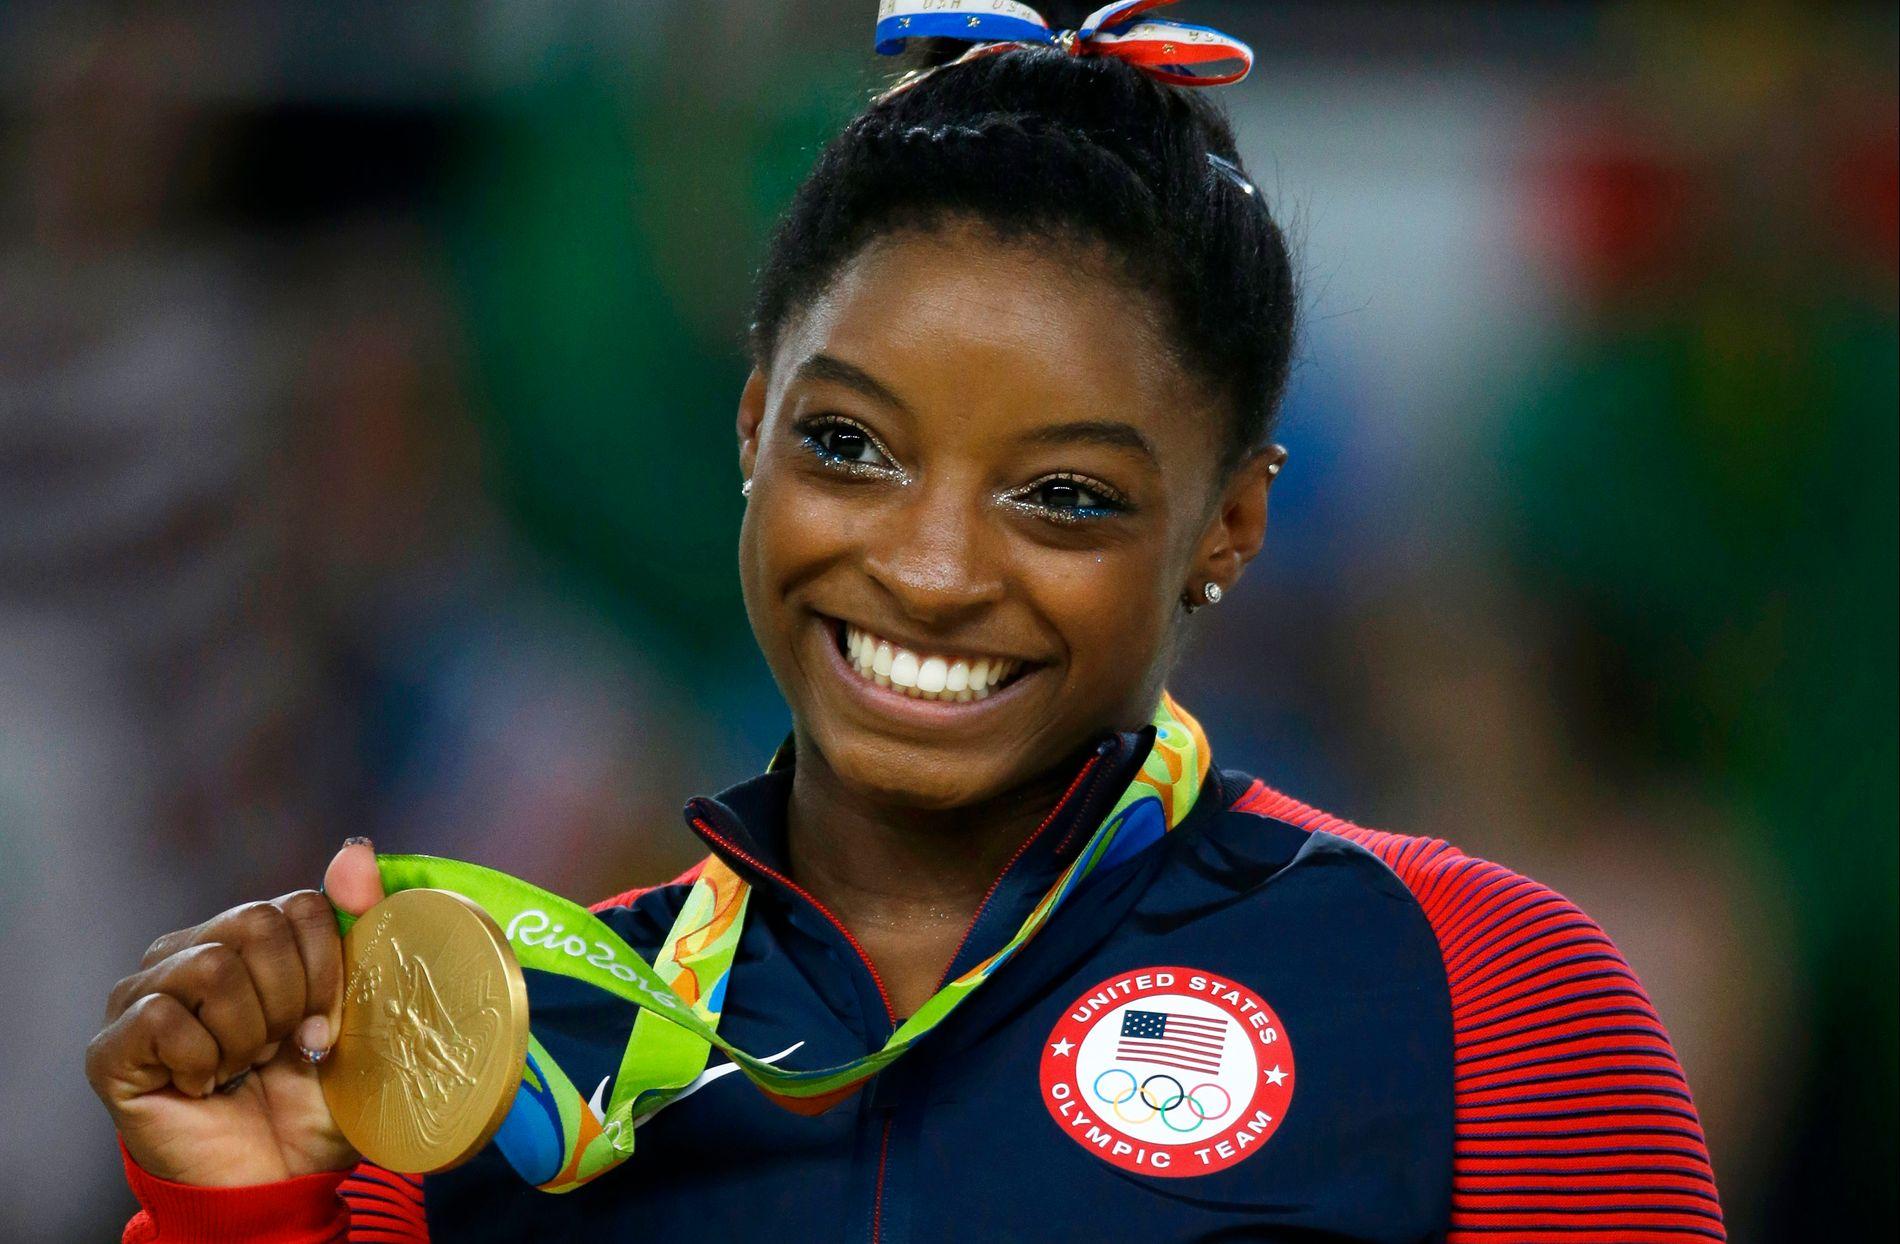 MEDALJEGROSSIST: Simone Biles jubler her over OL-gull. Hun tok fire gull i Rio.